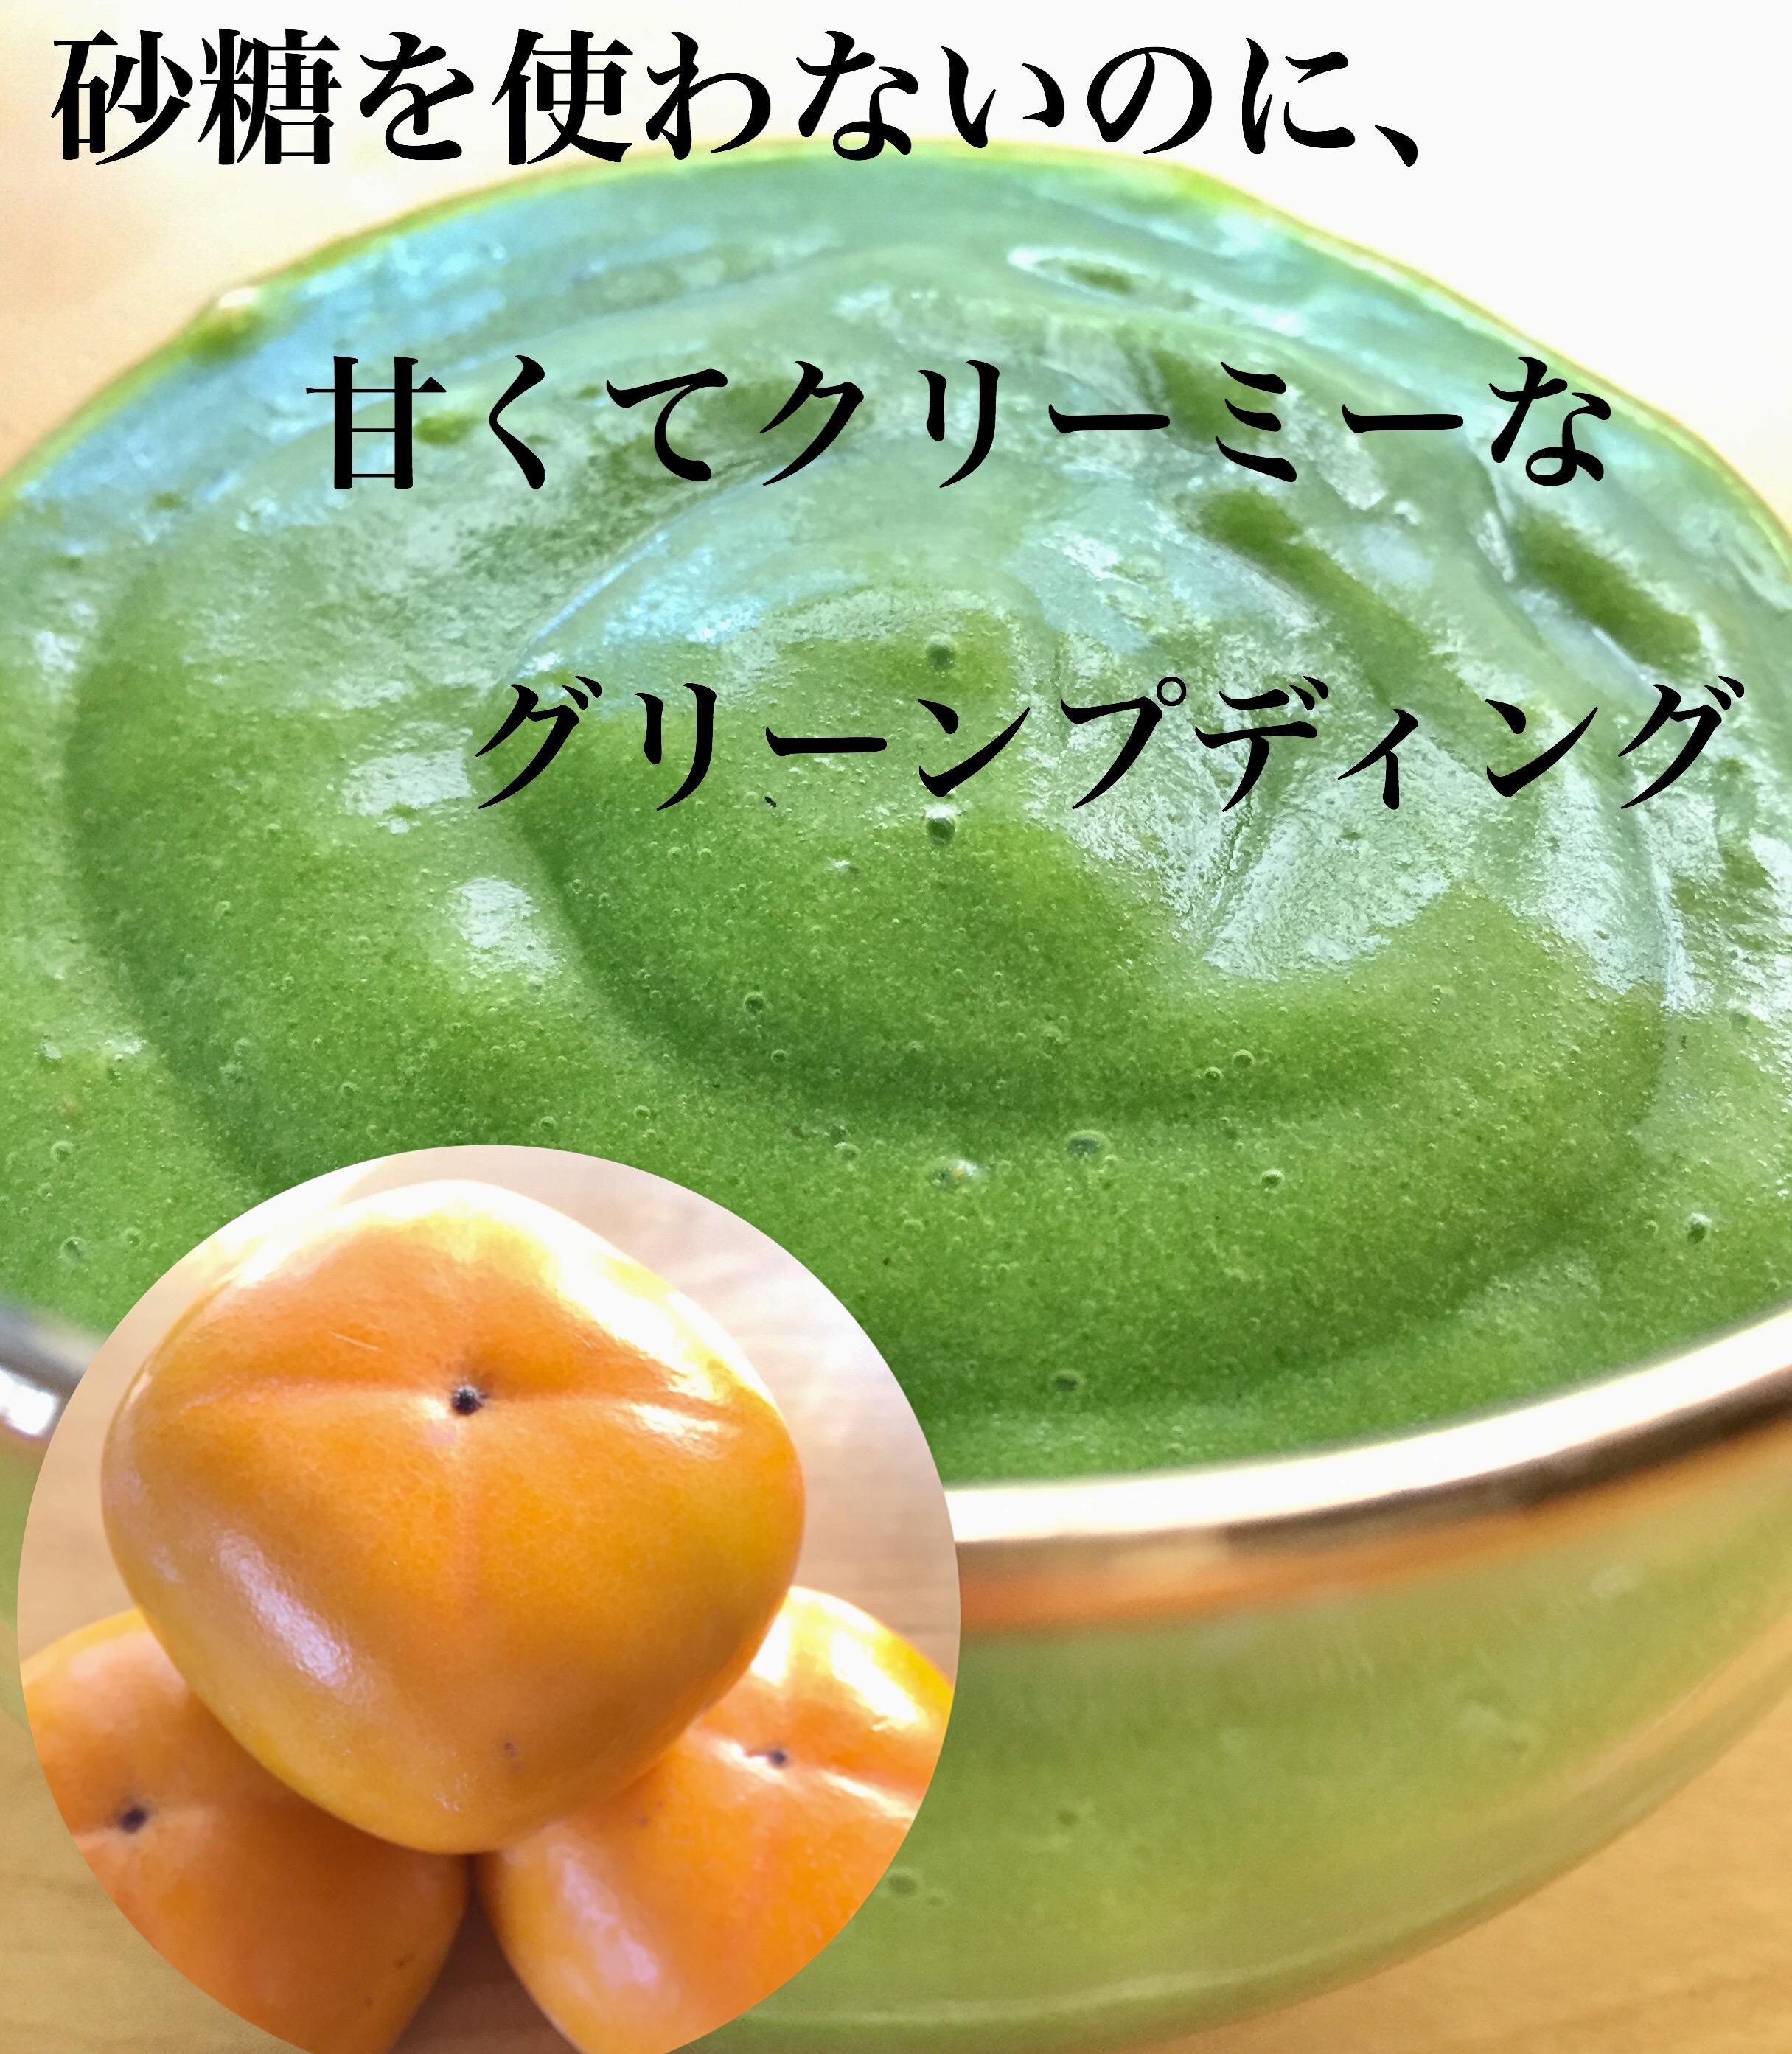 柿のグリーンプディング